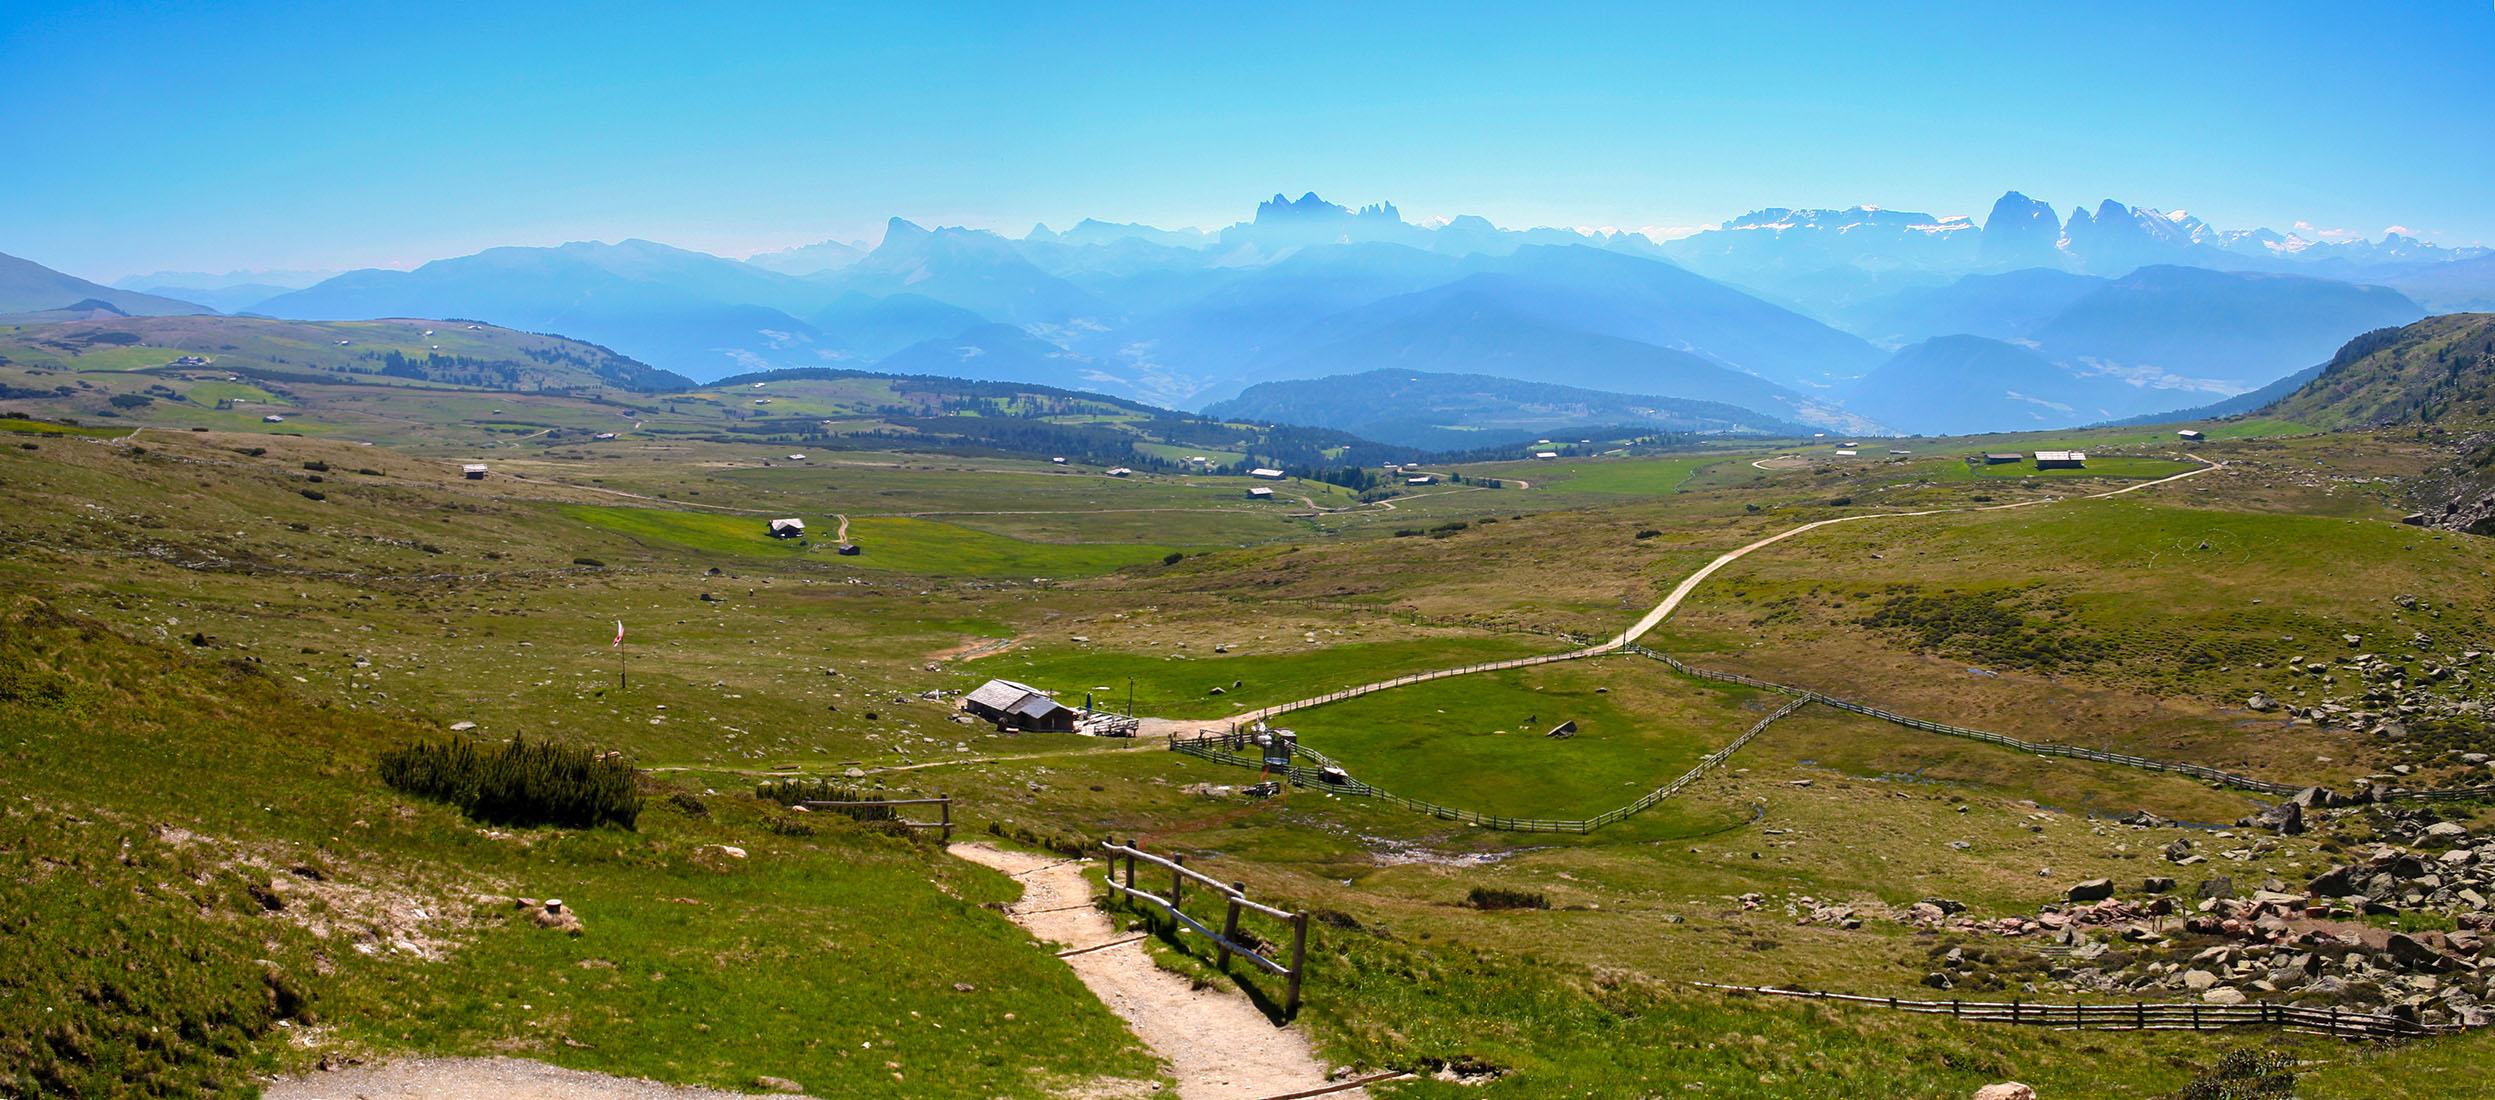 Villanderer Alm mit Blick in die Dolomiten